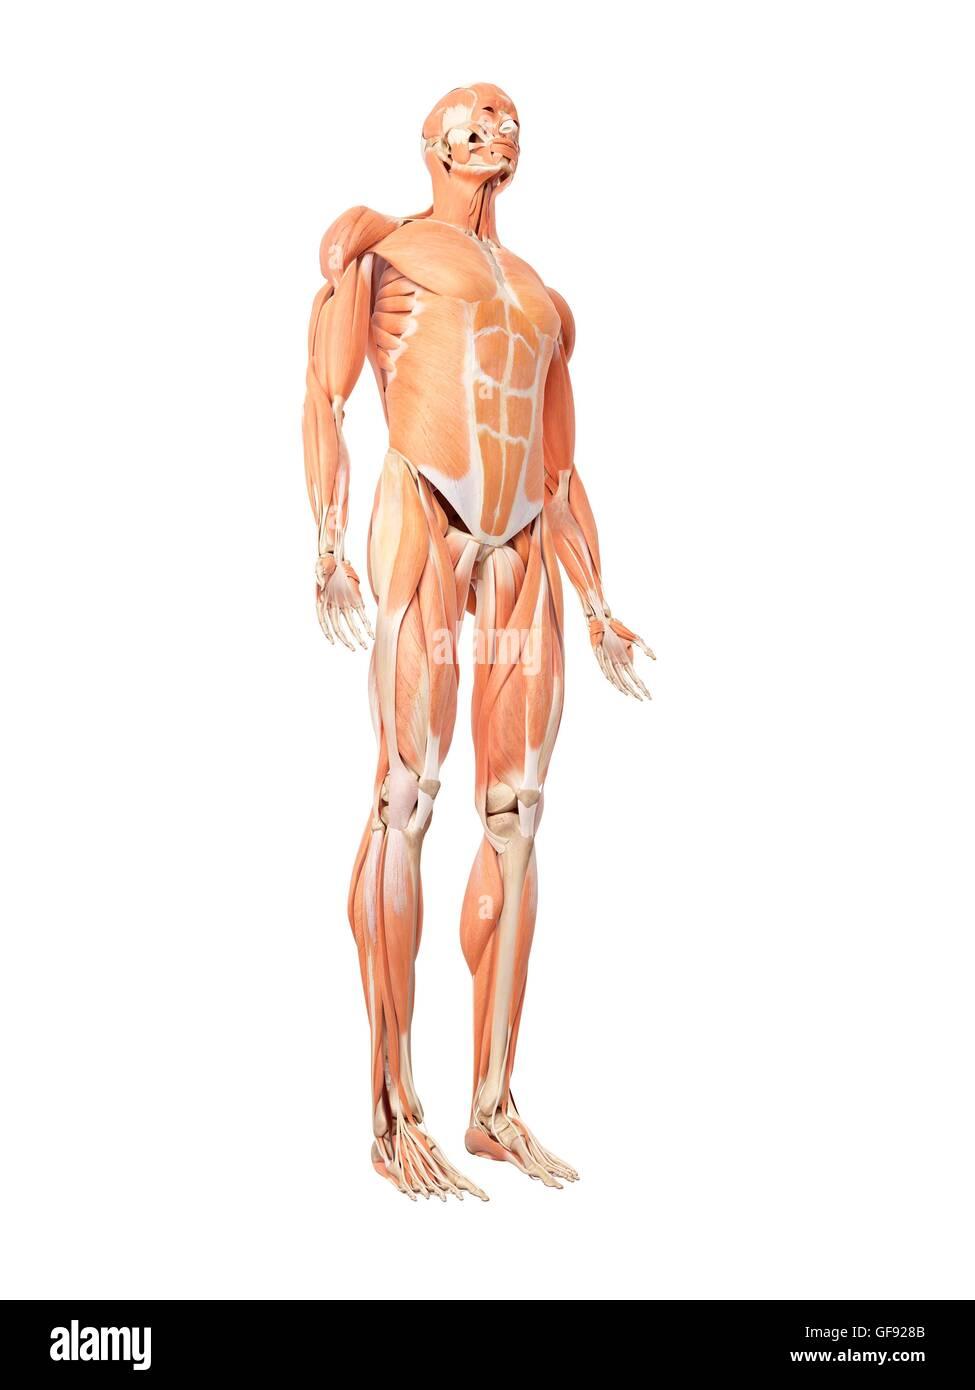 Ziemlich Diagramm Der Körpermuskulatur Zeitgenössisch - Menschliche ...